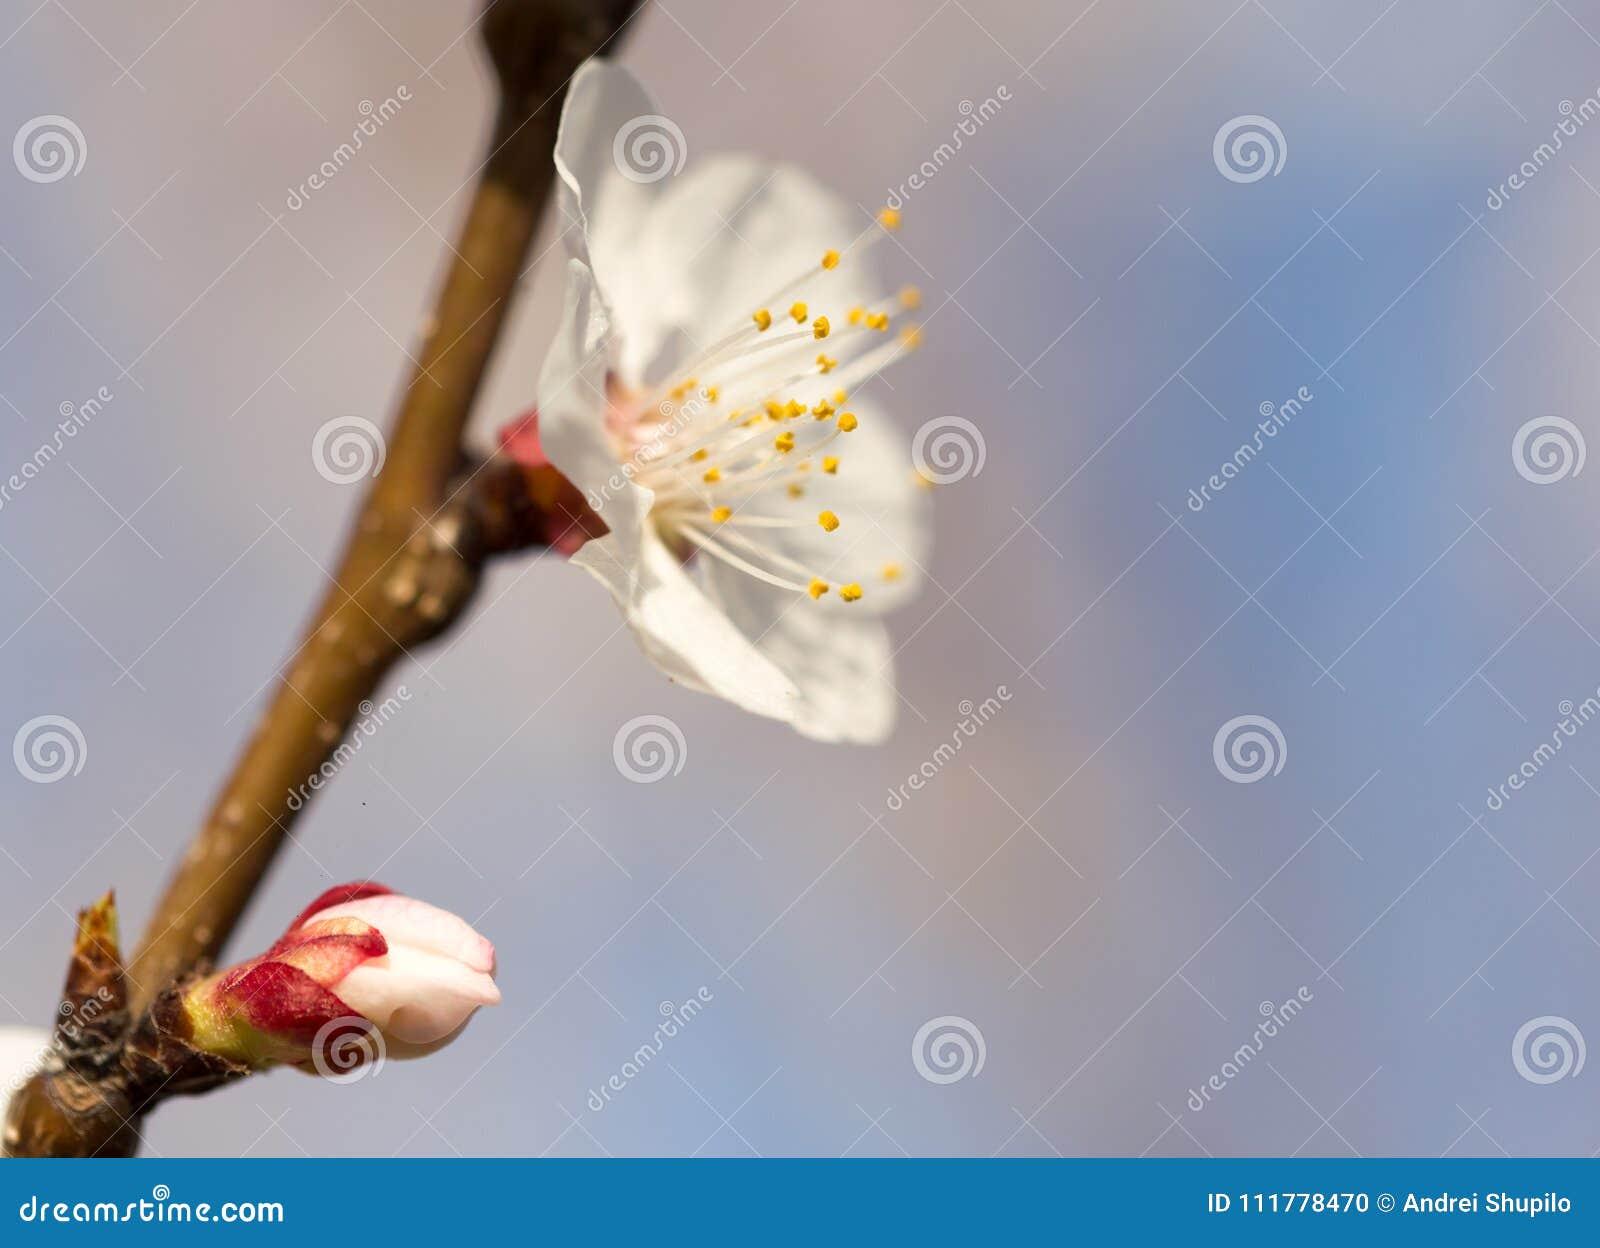 Blumen auf dem Baum gegen den blauen Himmel